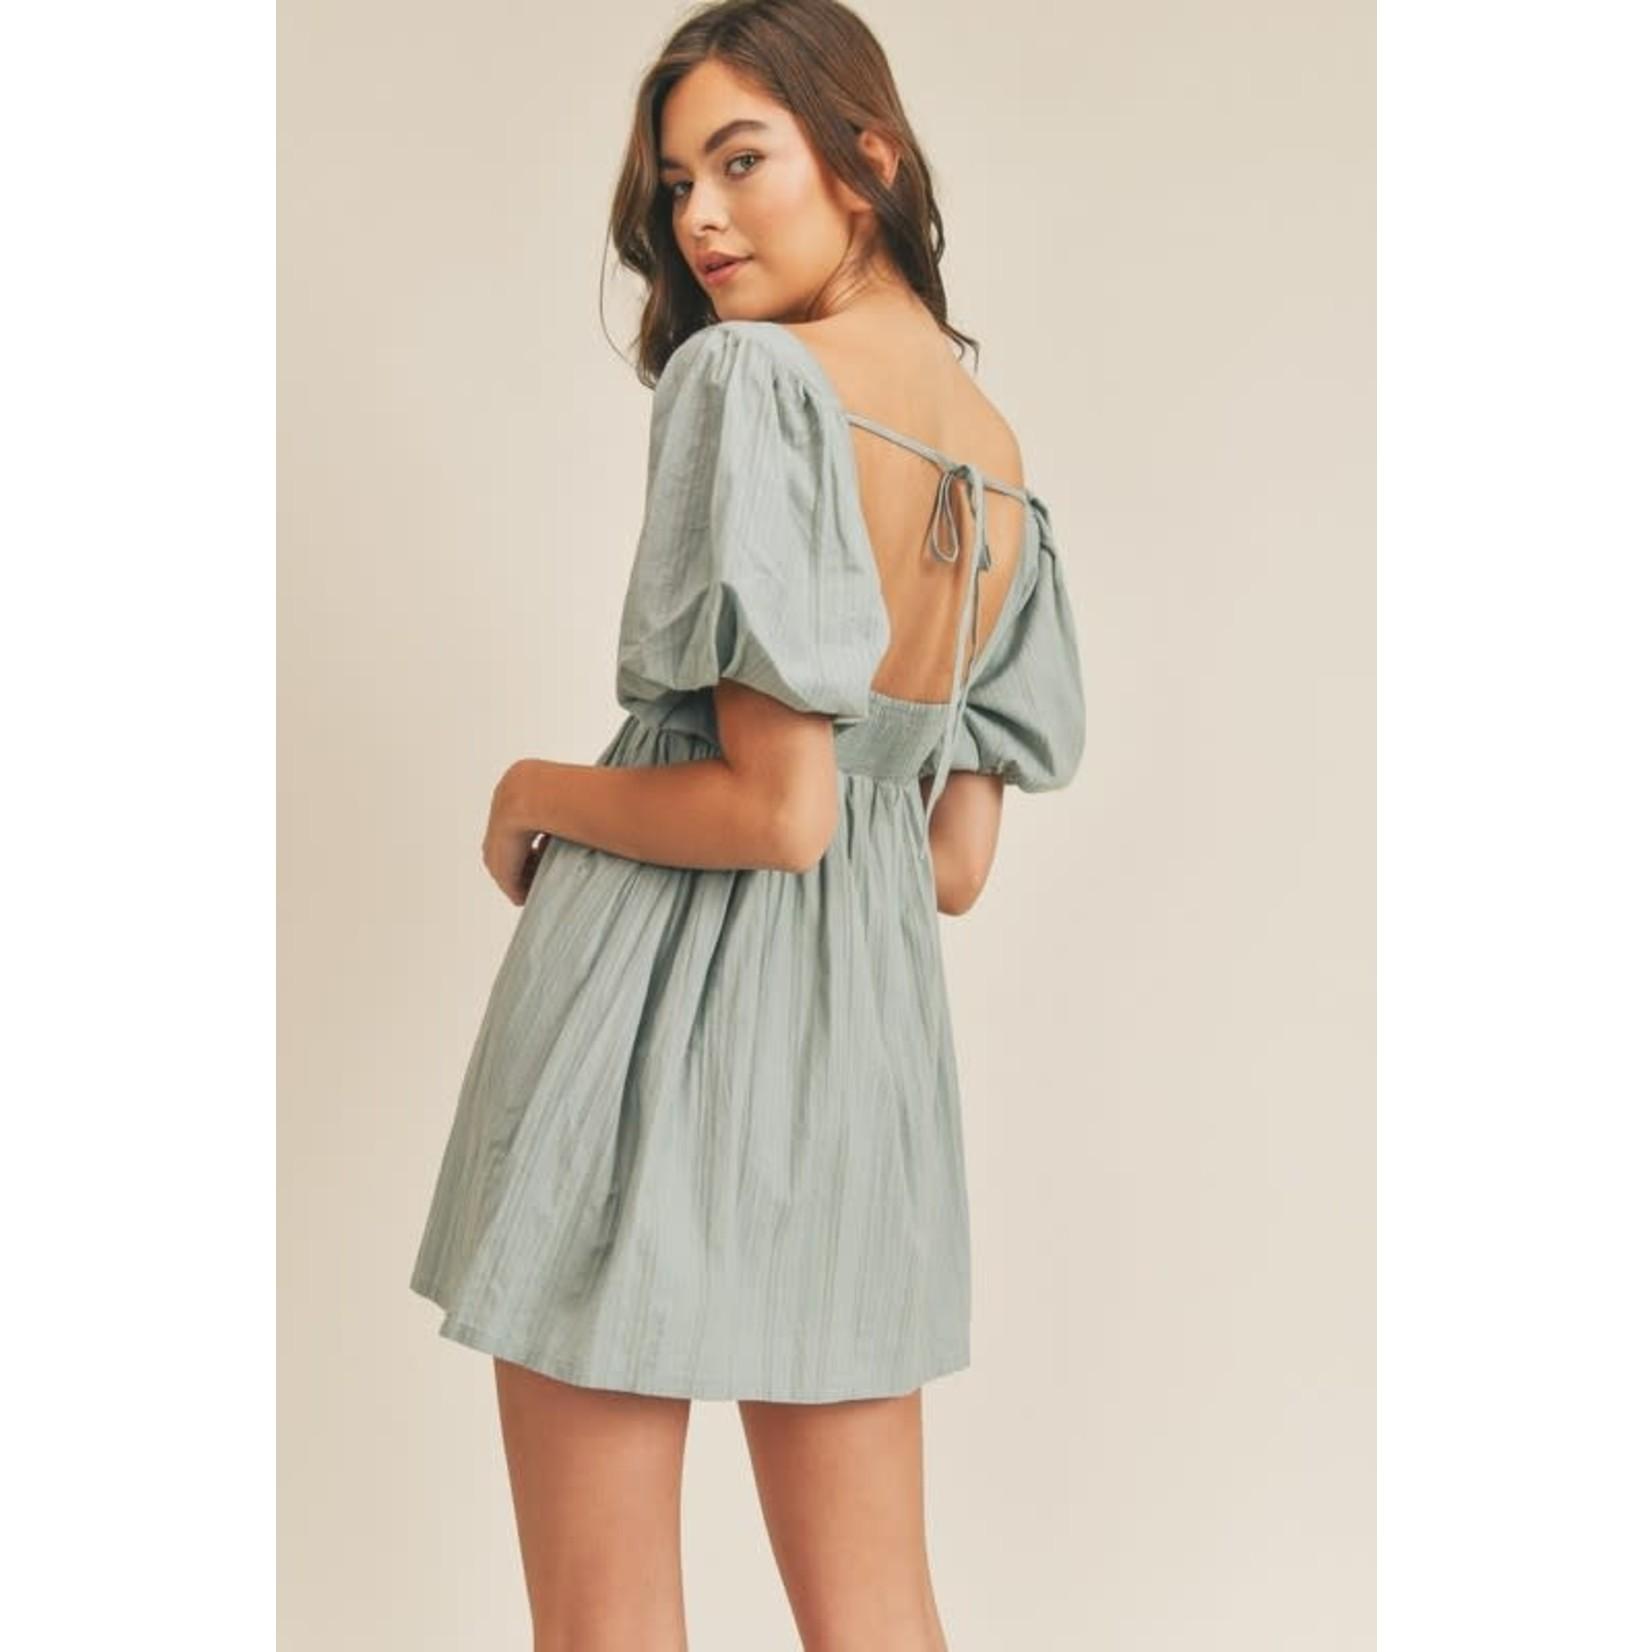 EM & ELLE Littleton Babydoll Dress